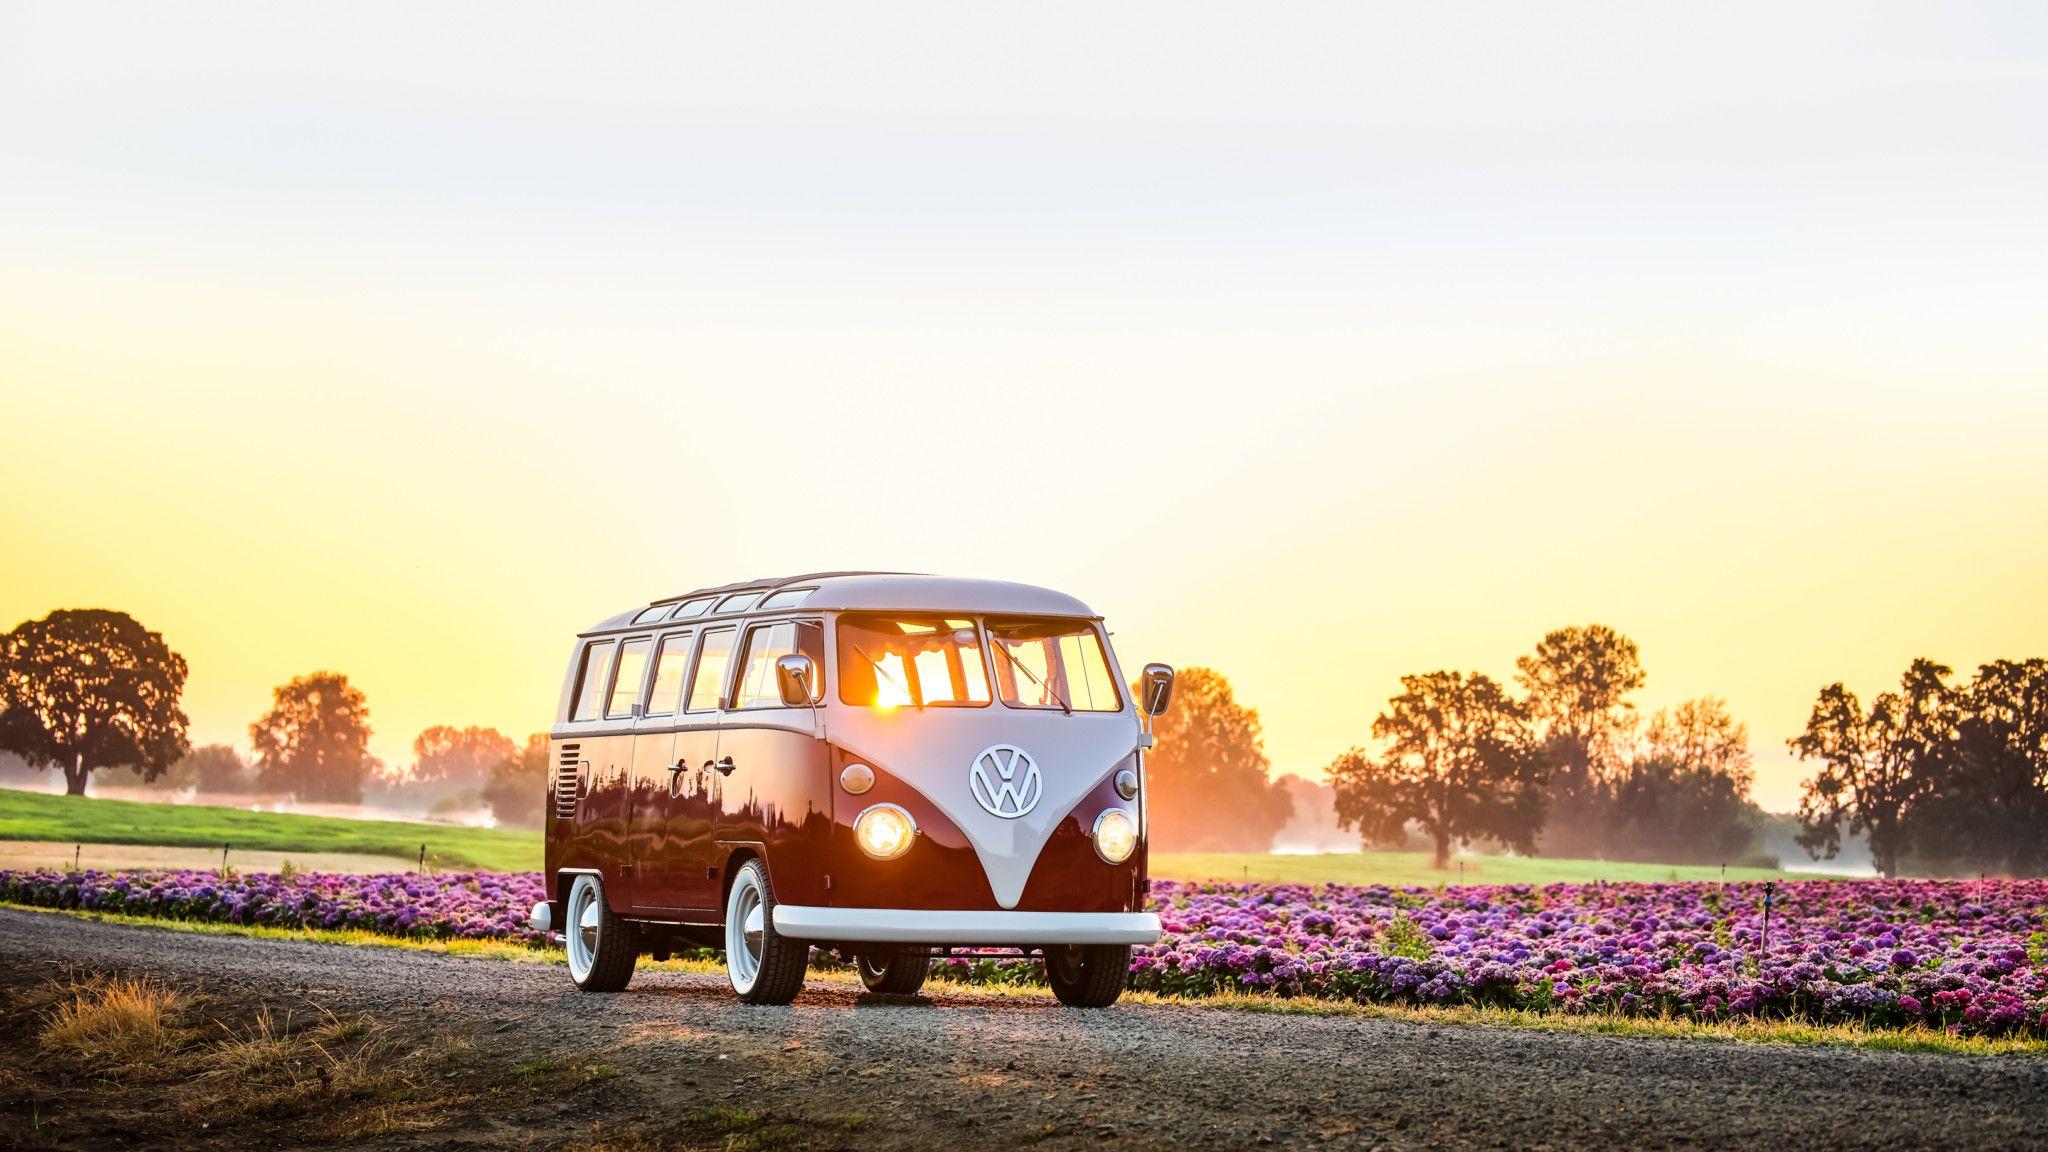 Volkswagen Van Wallpapers   Top Volkswagen Van Backgrounds 2048x1152